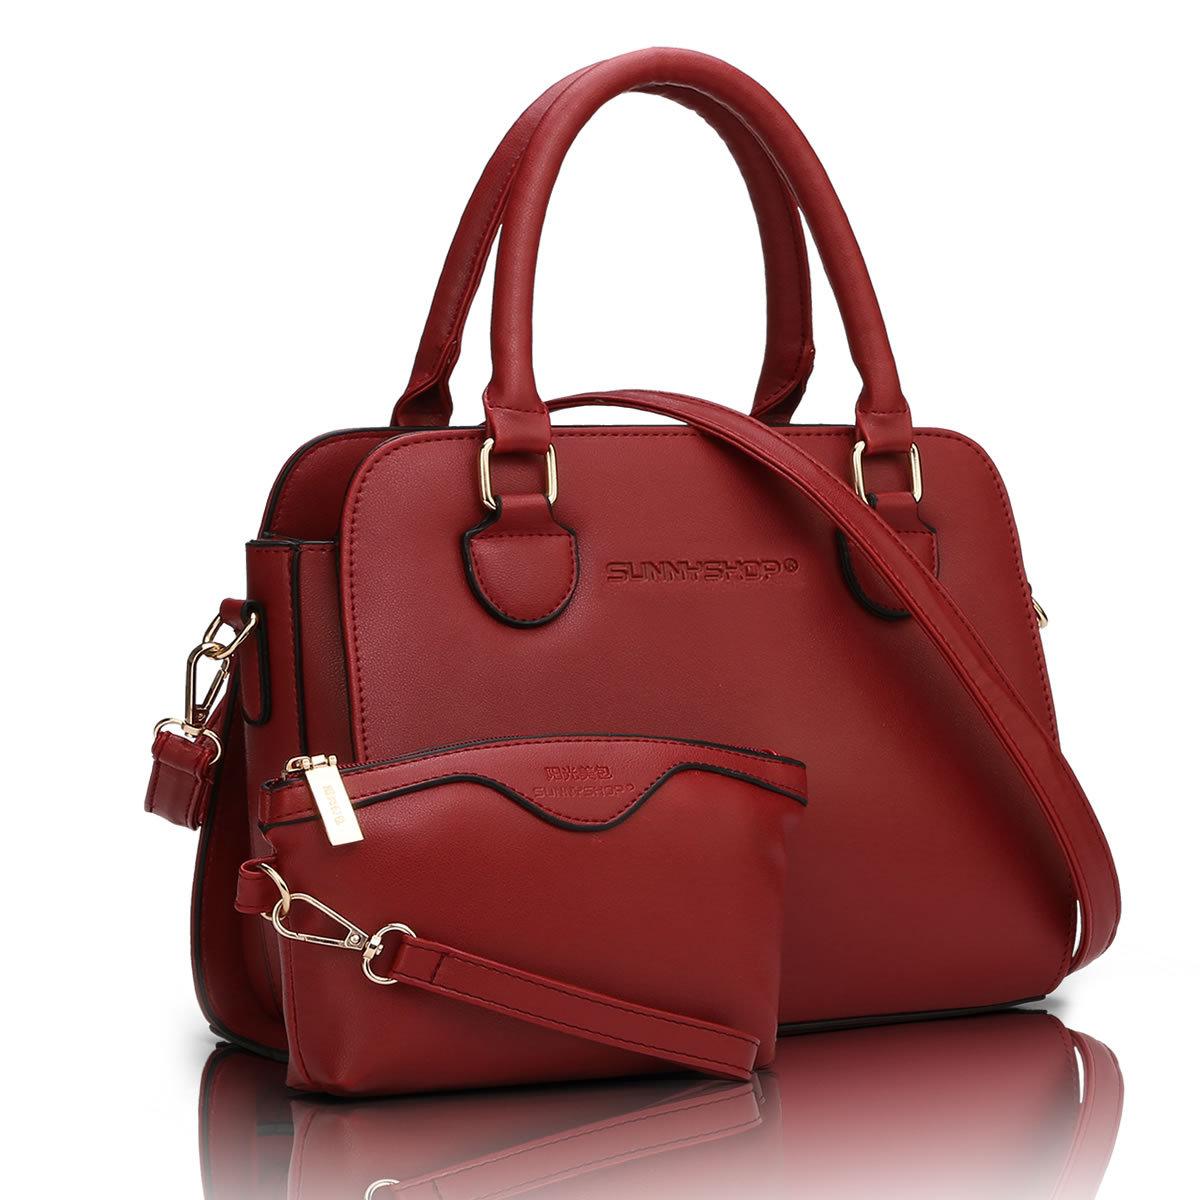 พร้อมส่ง กระเป๋าถือและสะพายข้าง หรูคุณนาย เช็ต 2 ใบ แฟชั่นเกาหลี Sunny-671 สีไวน์แดง